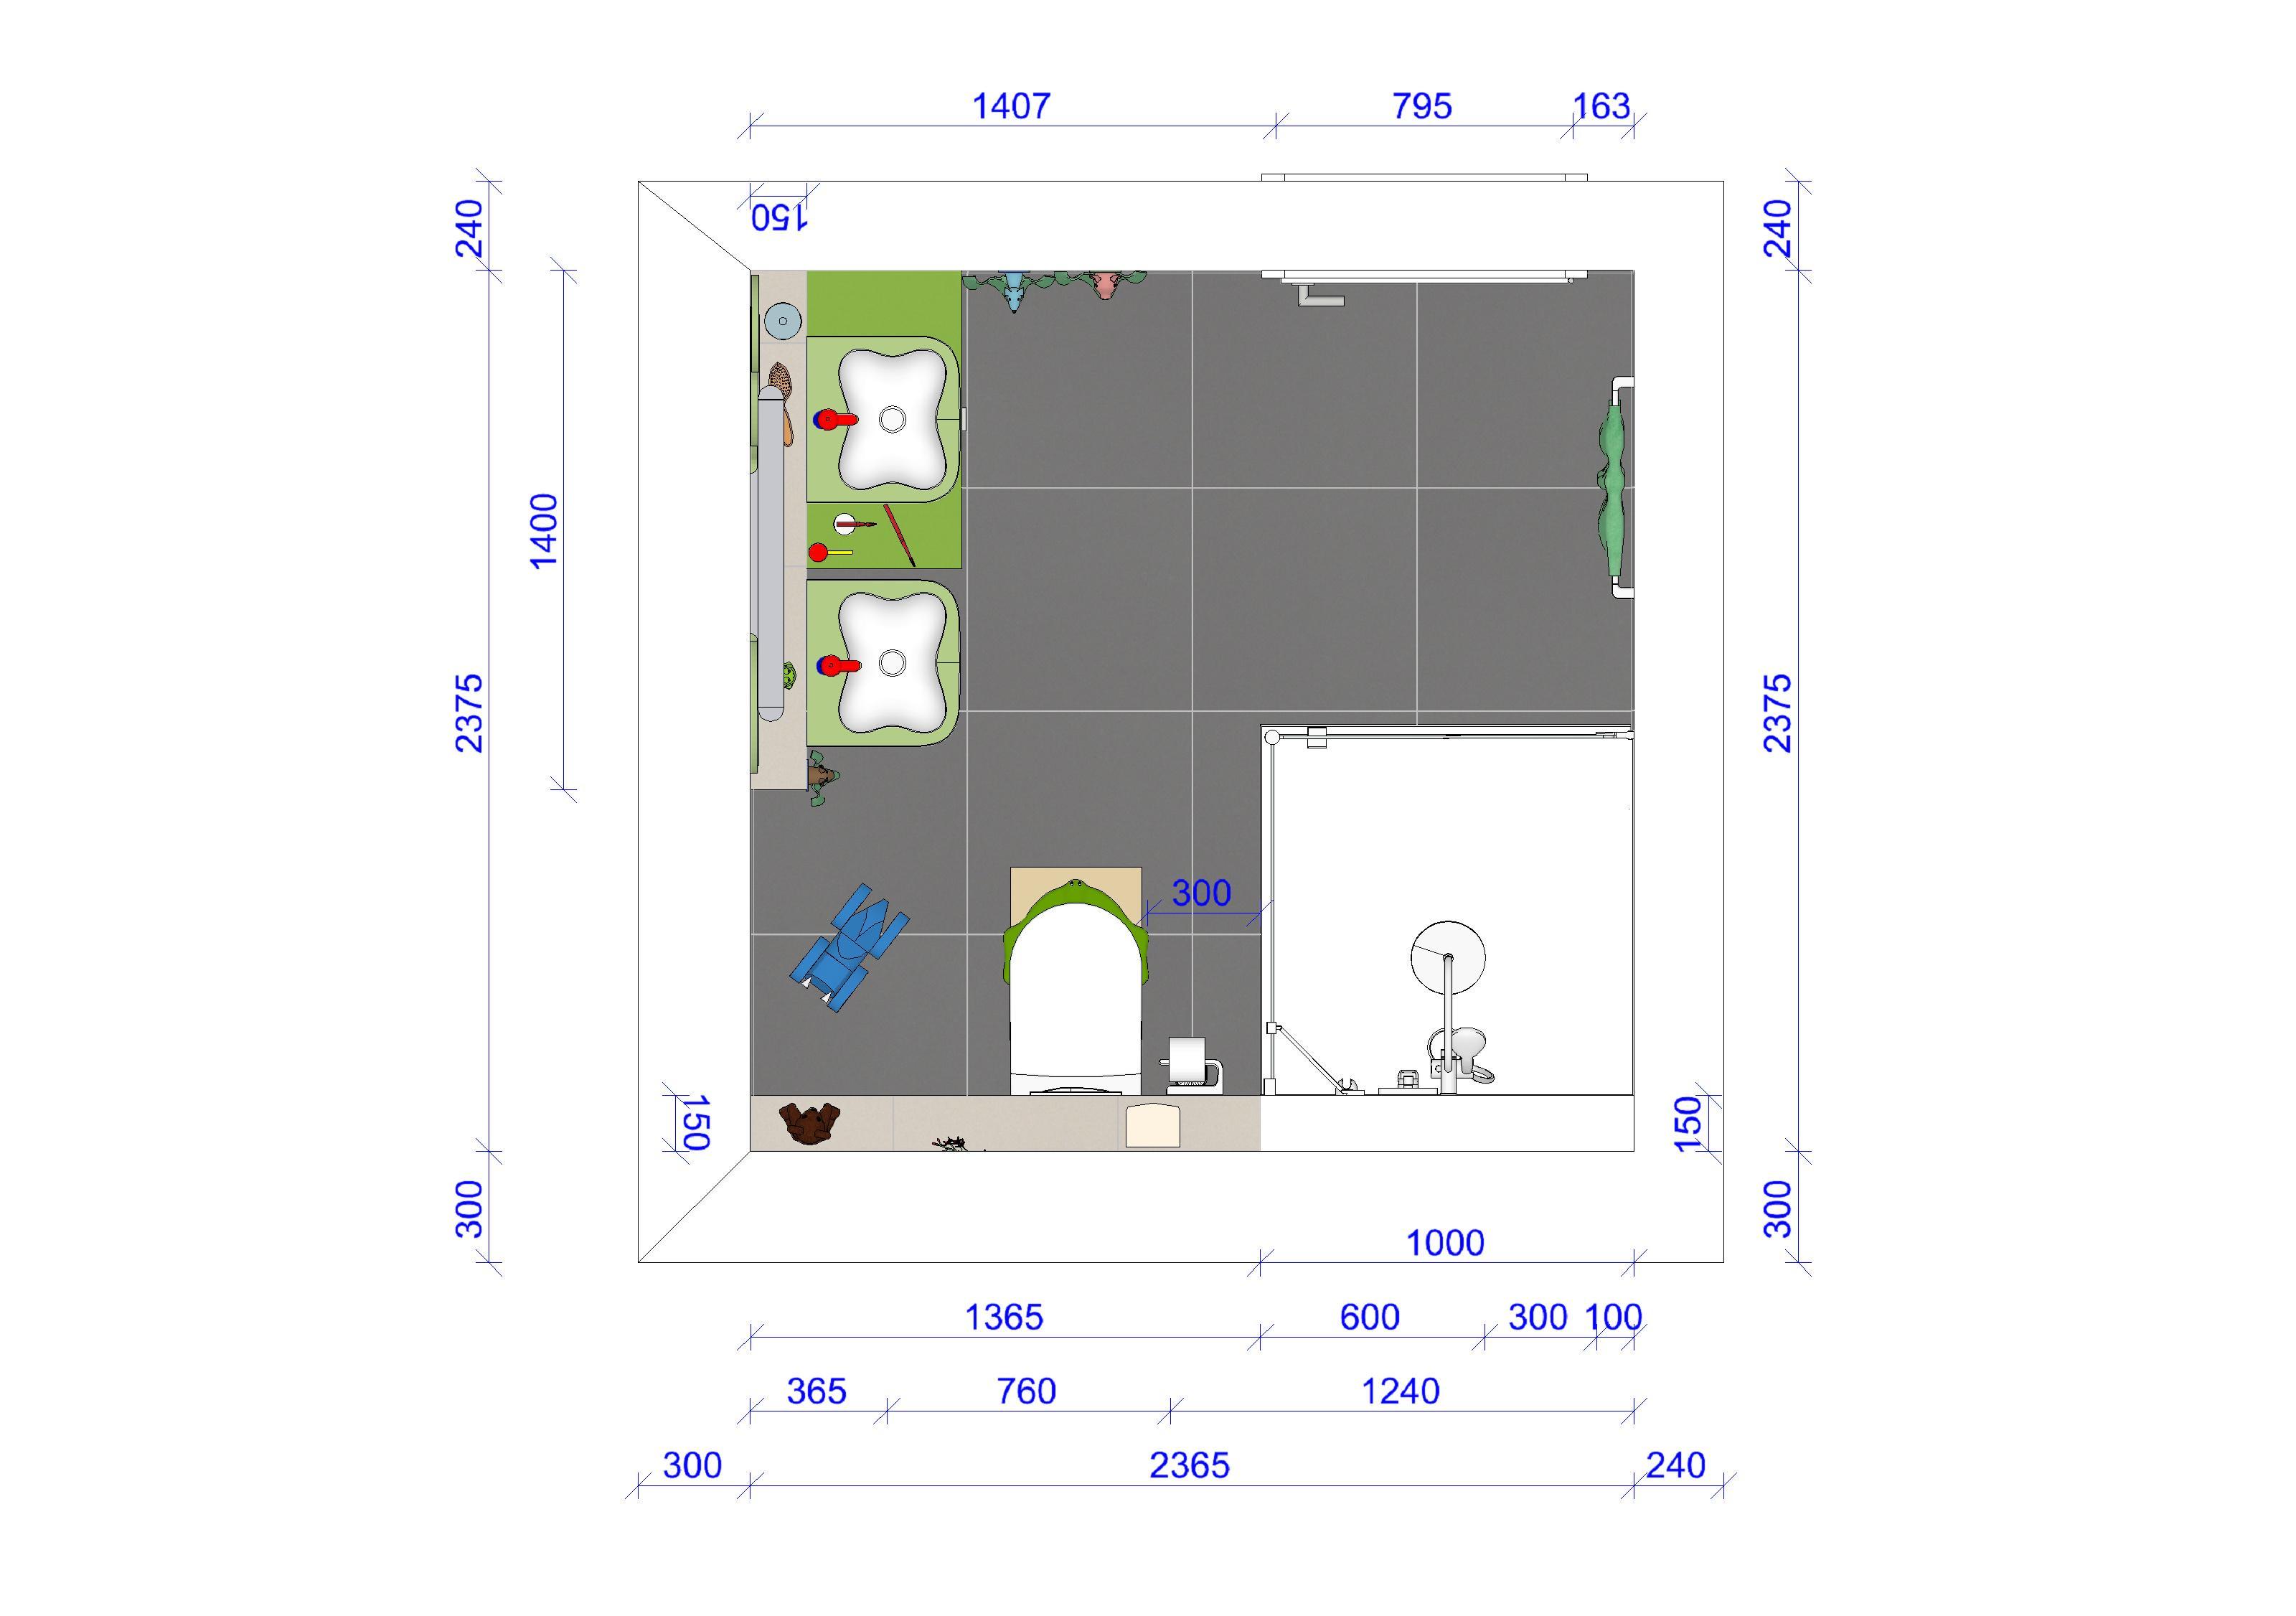 Badezimmer grundriss bilder ideen couchstyle for Grundriss badezimmer modern